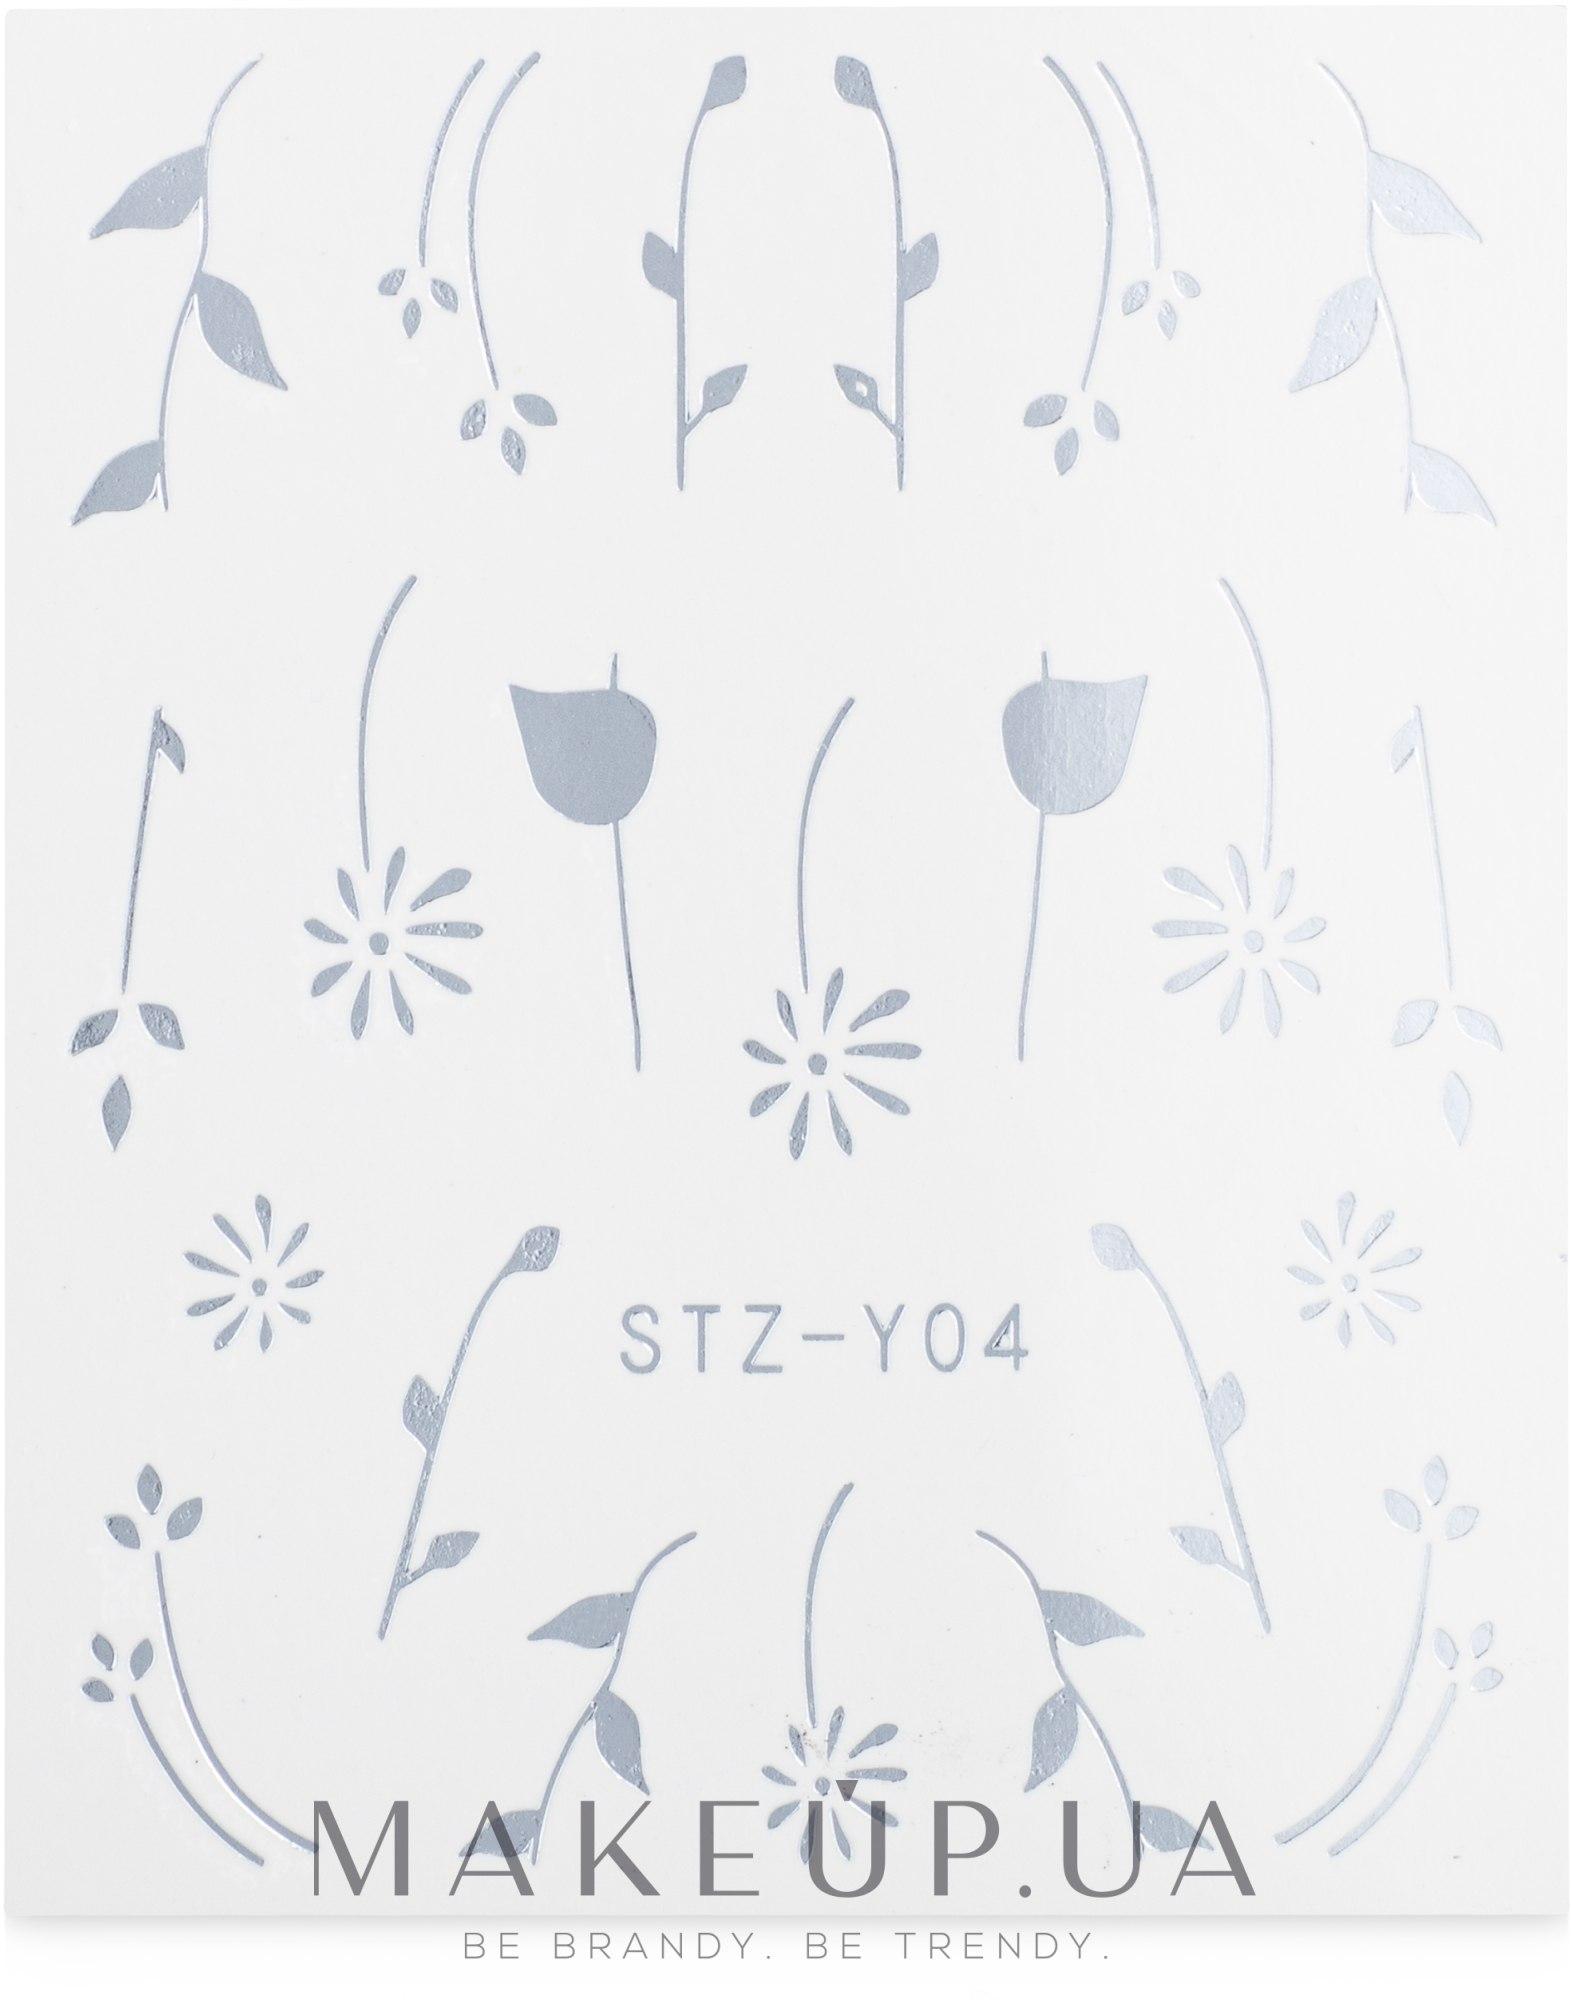 Водные наклейки для ногтей серебро, STZ - Vizavi Professional — фото STZ - Y004